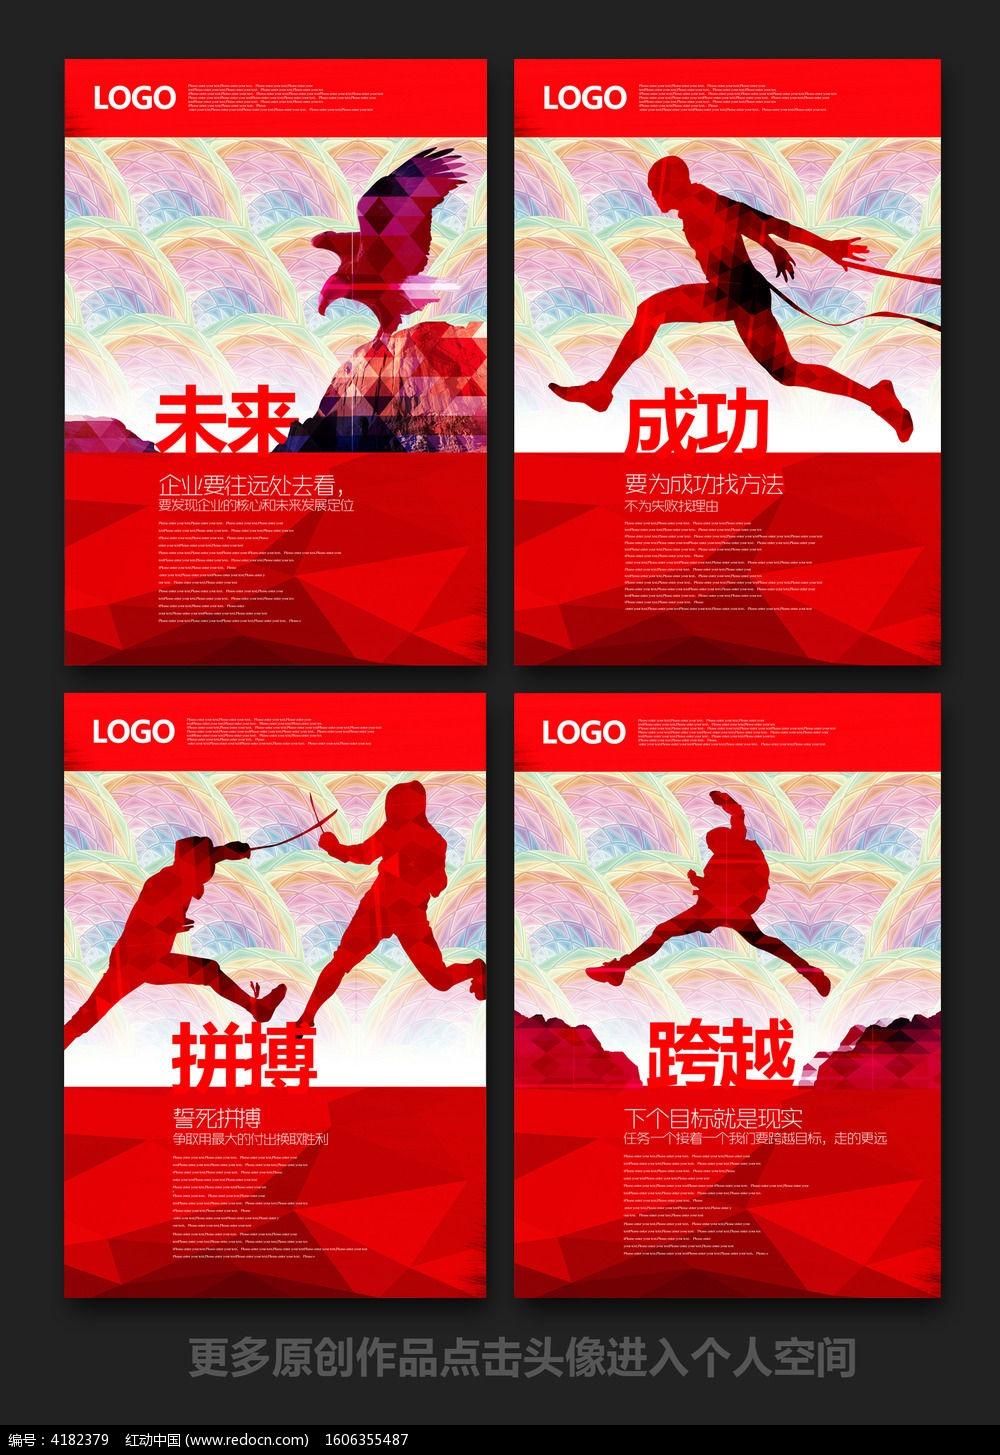 未来发展定位 文化海报 文化建设 企业挂画   公司励志展板   晚霞